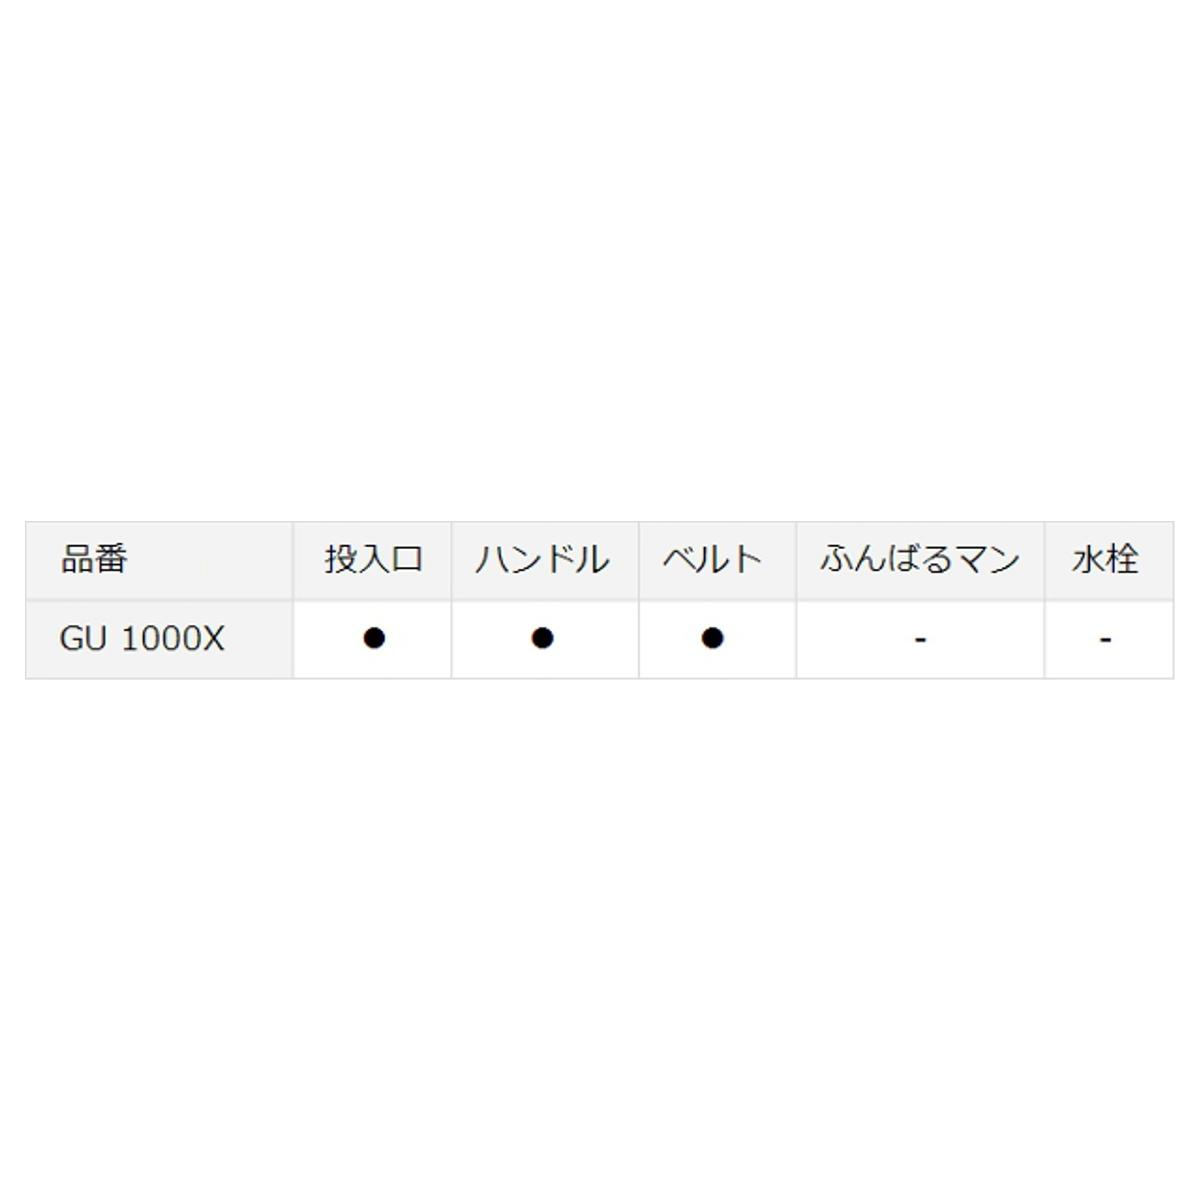 大和(Daiwa)酷线αII GU 1000X蓝色冷气设备箱